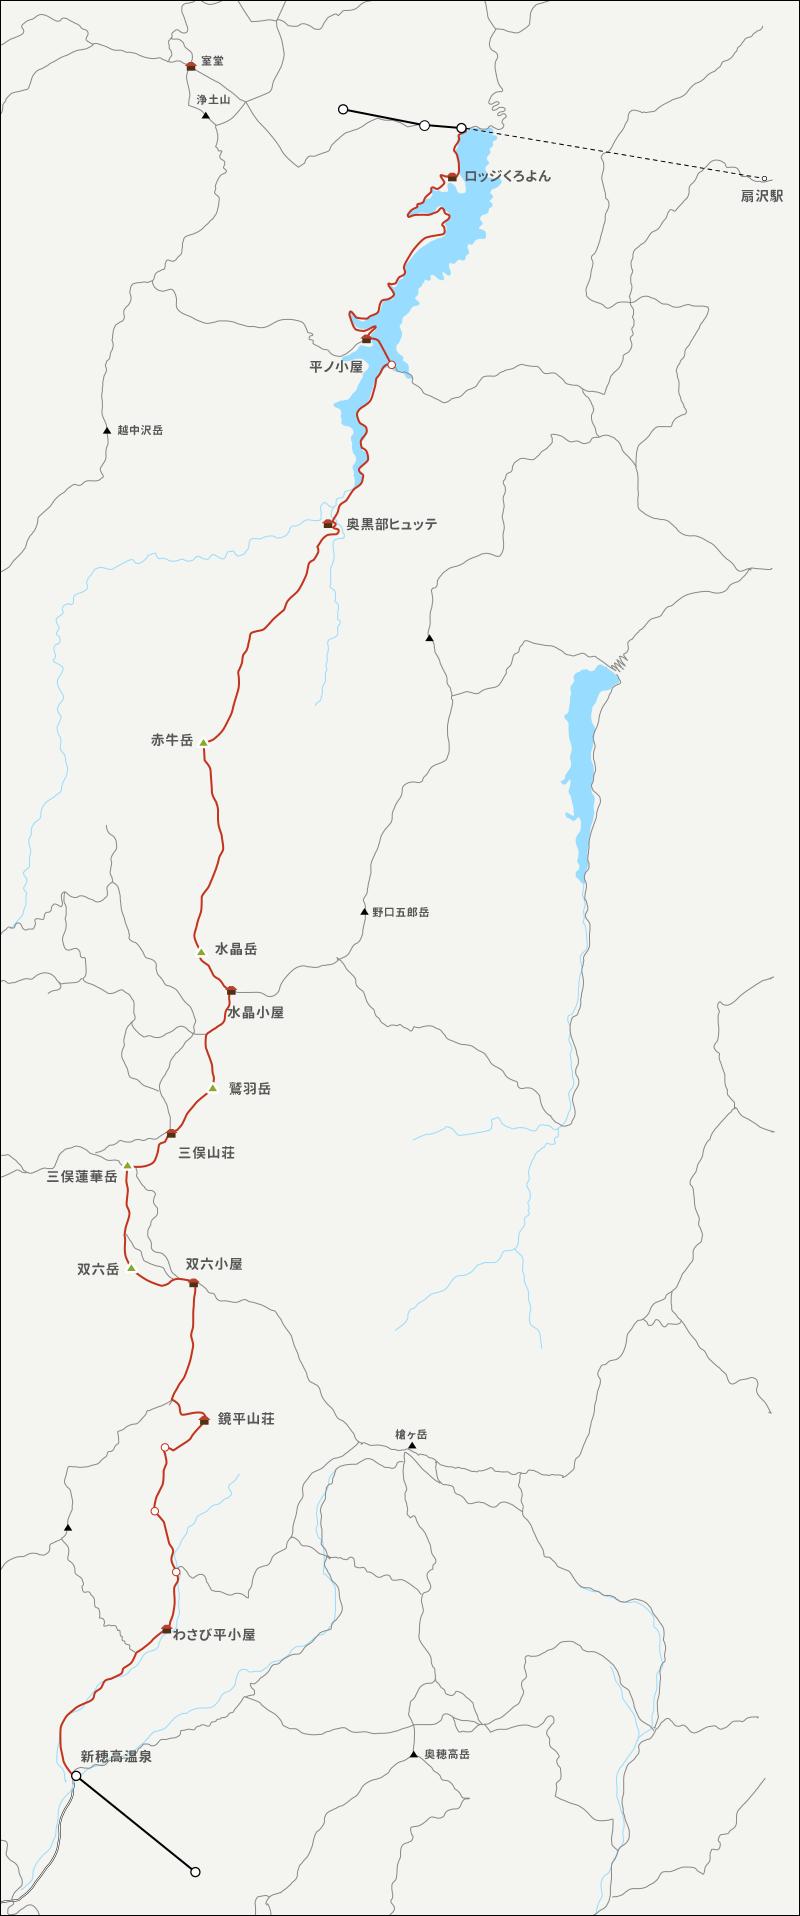 黒部ダムから新穂高温泉までのイラストマップ